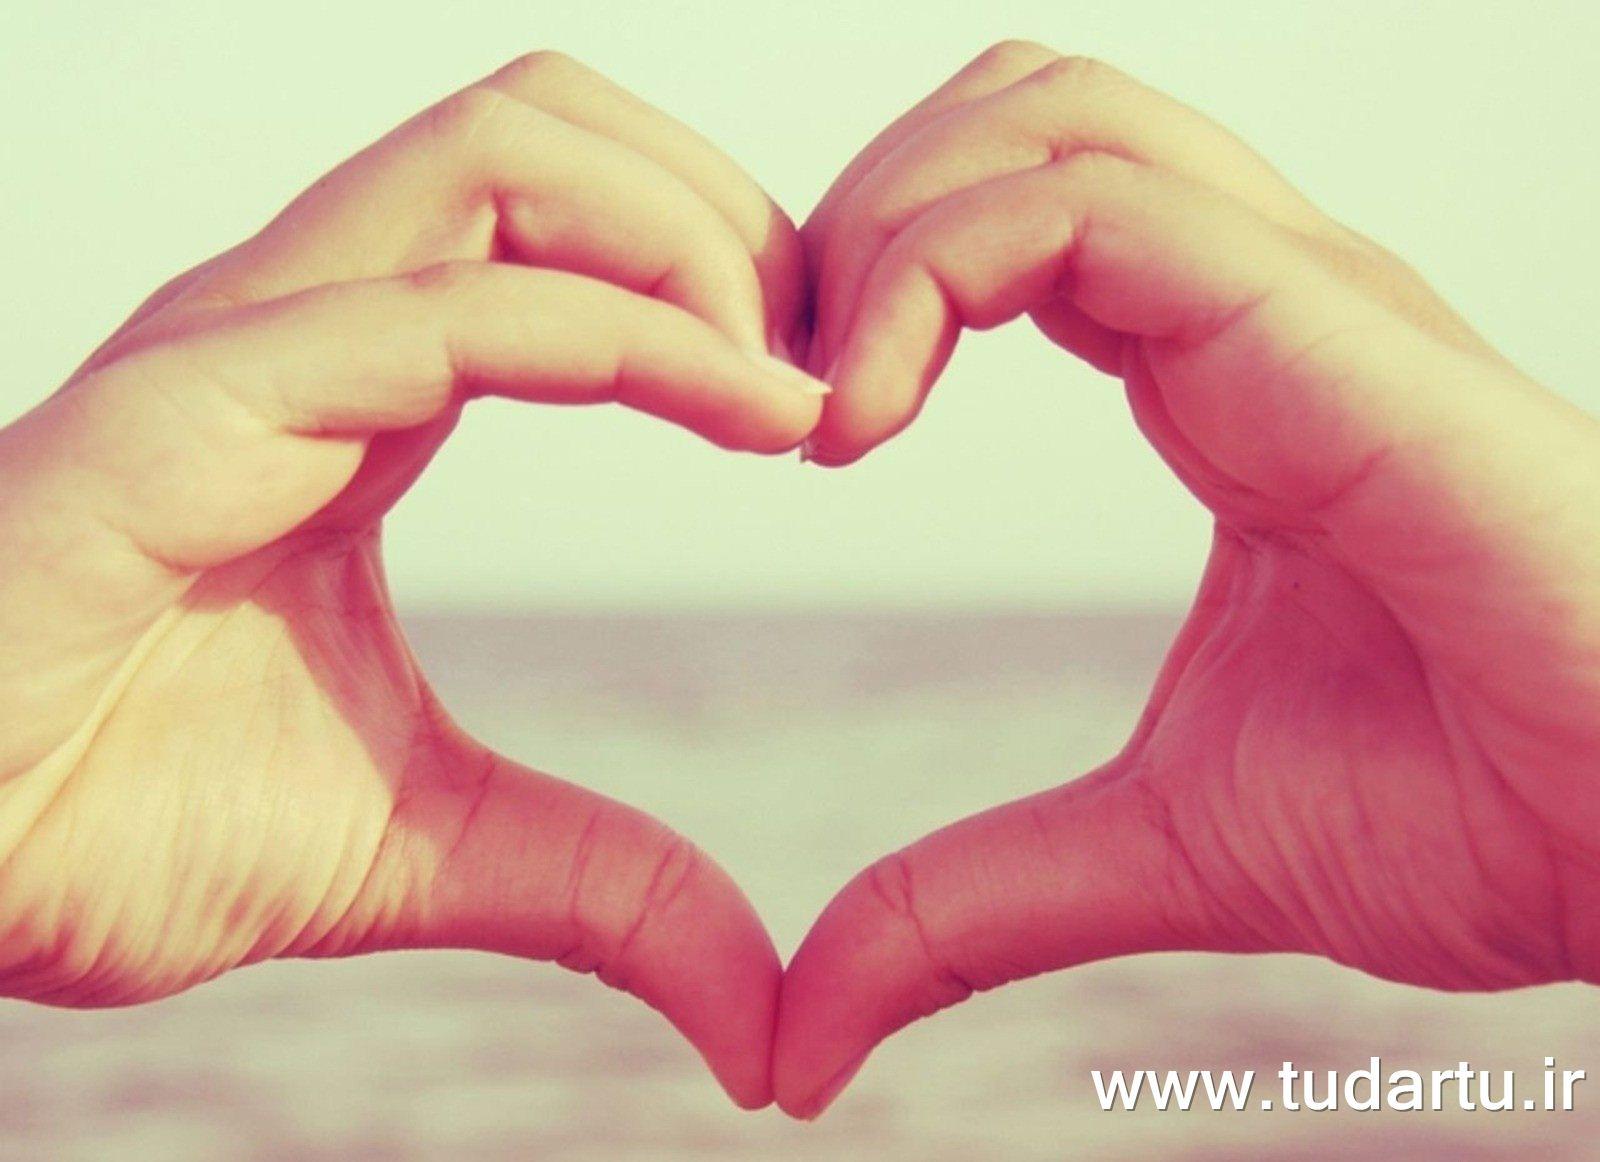 ده عکس احساسی و عاشقانه[www.tudartu.ir]